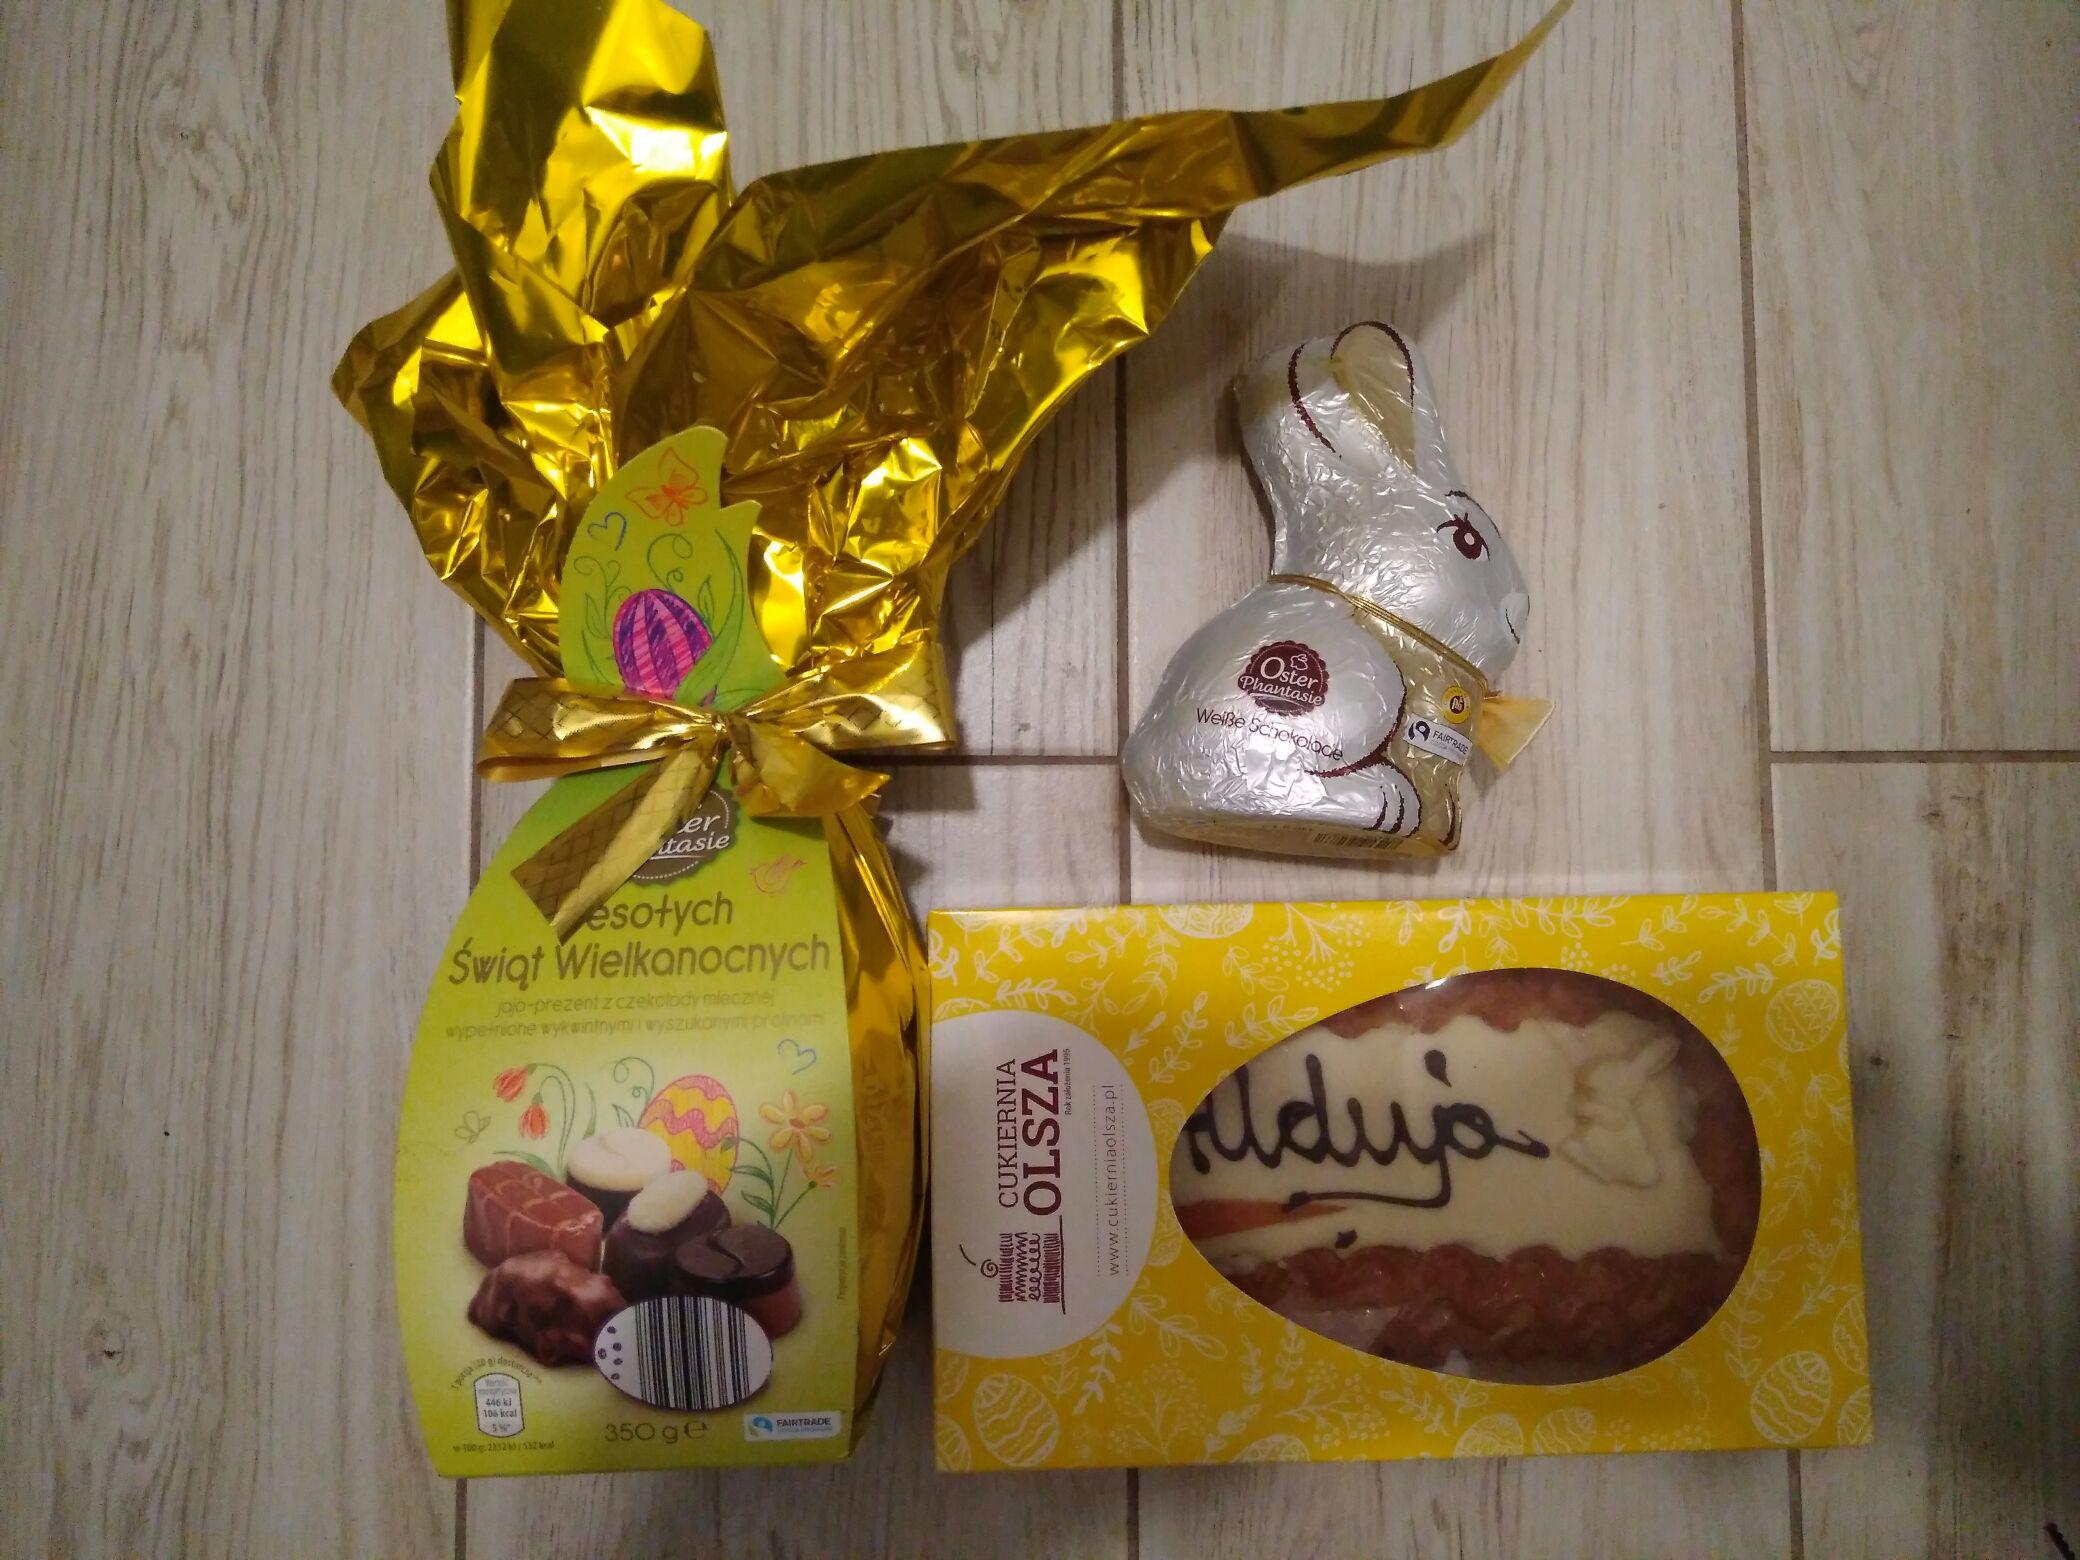 Świąteczne smakołyki Aldi (Tychy)